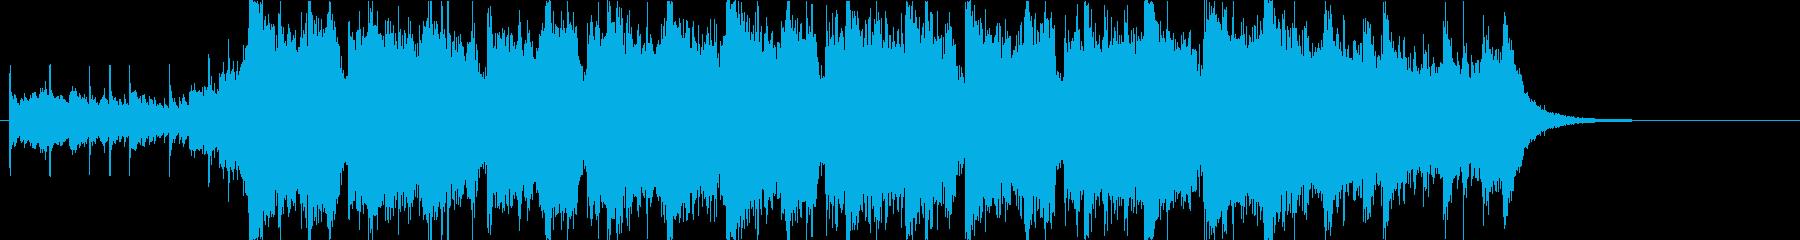 幻想的で壮大なオーケストラOPハーフaの再生済みの波形